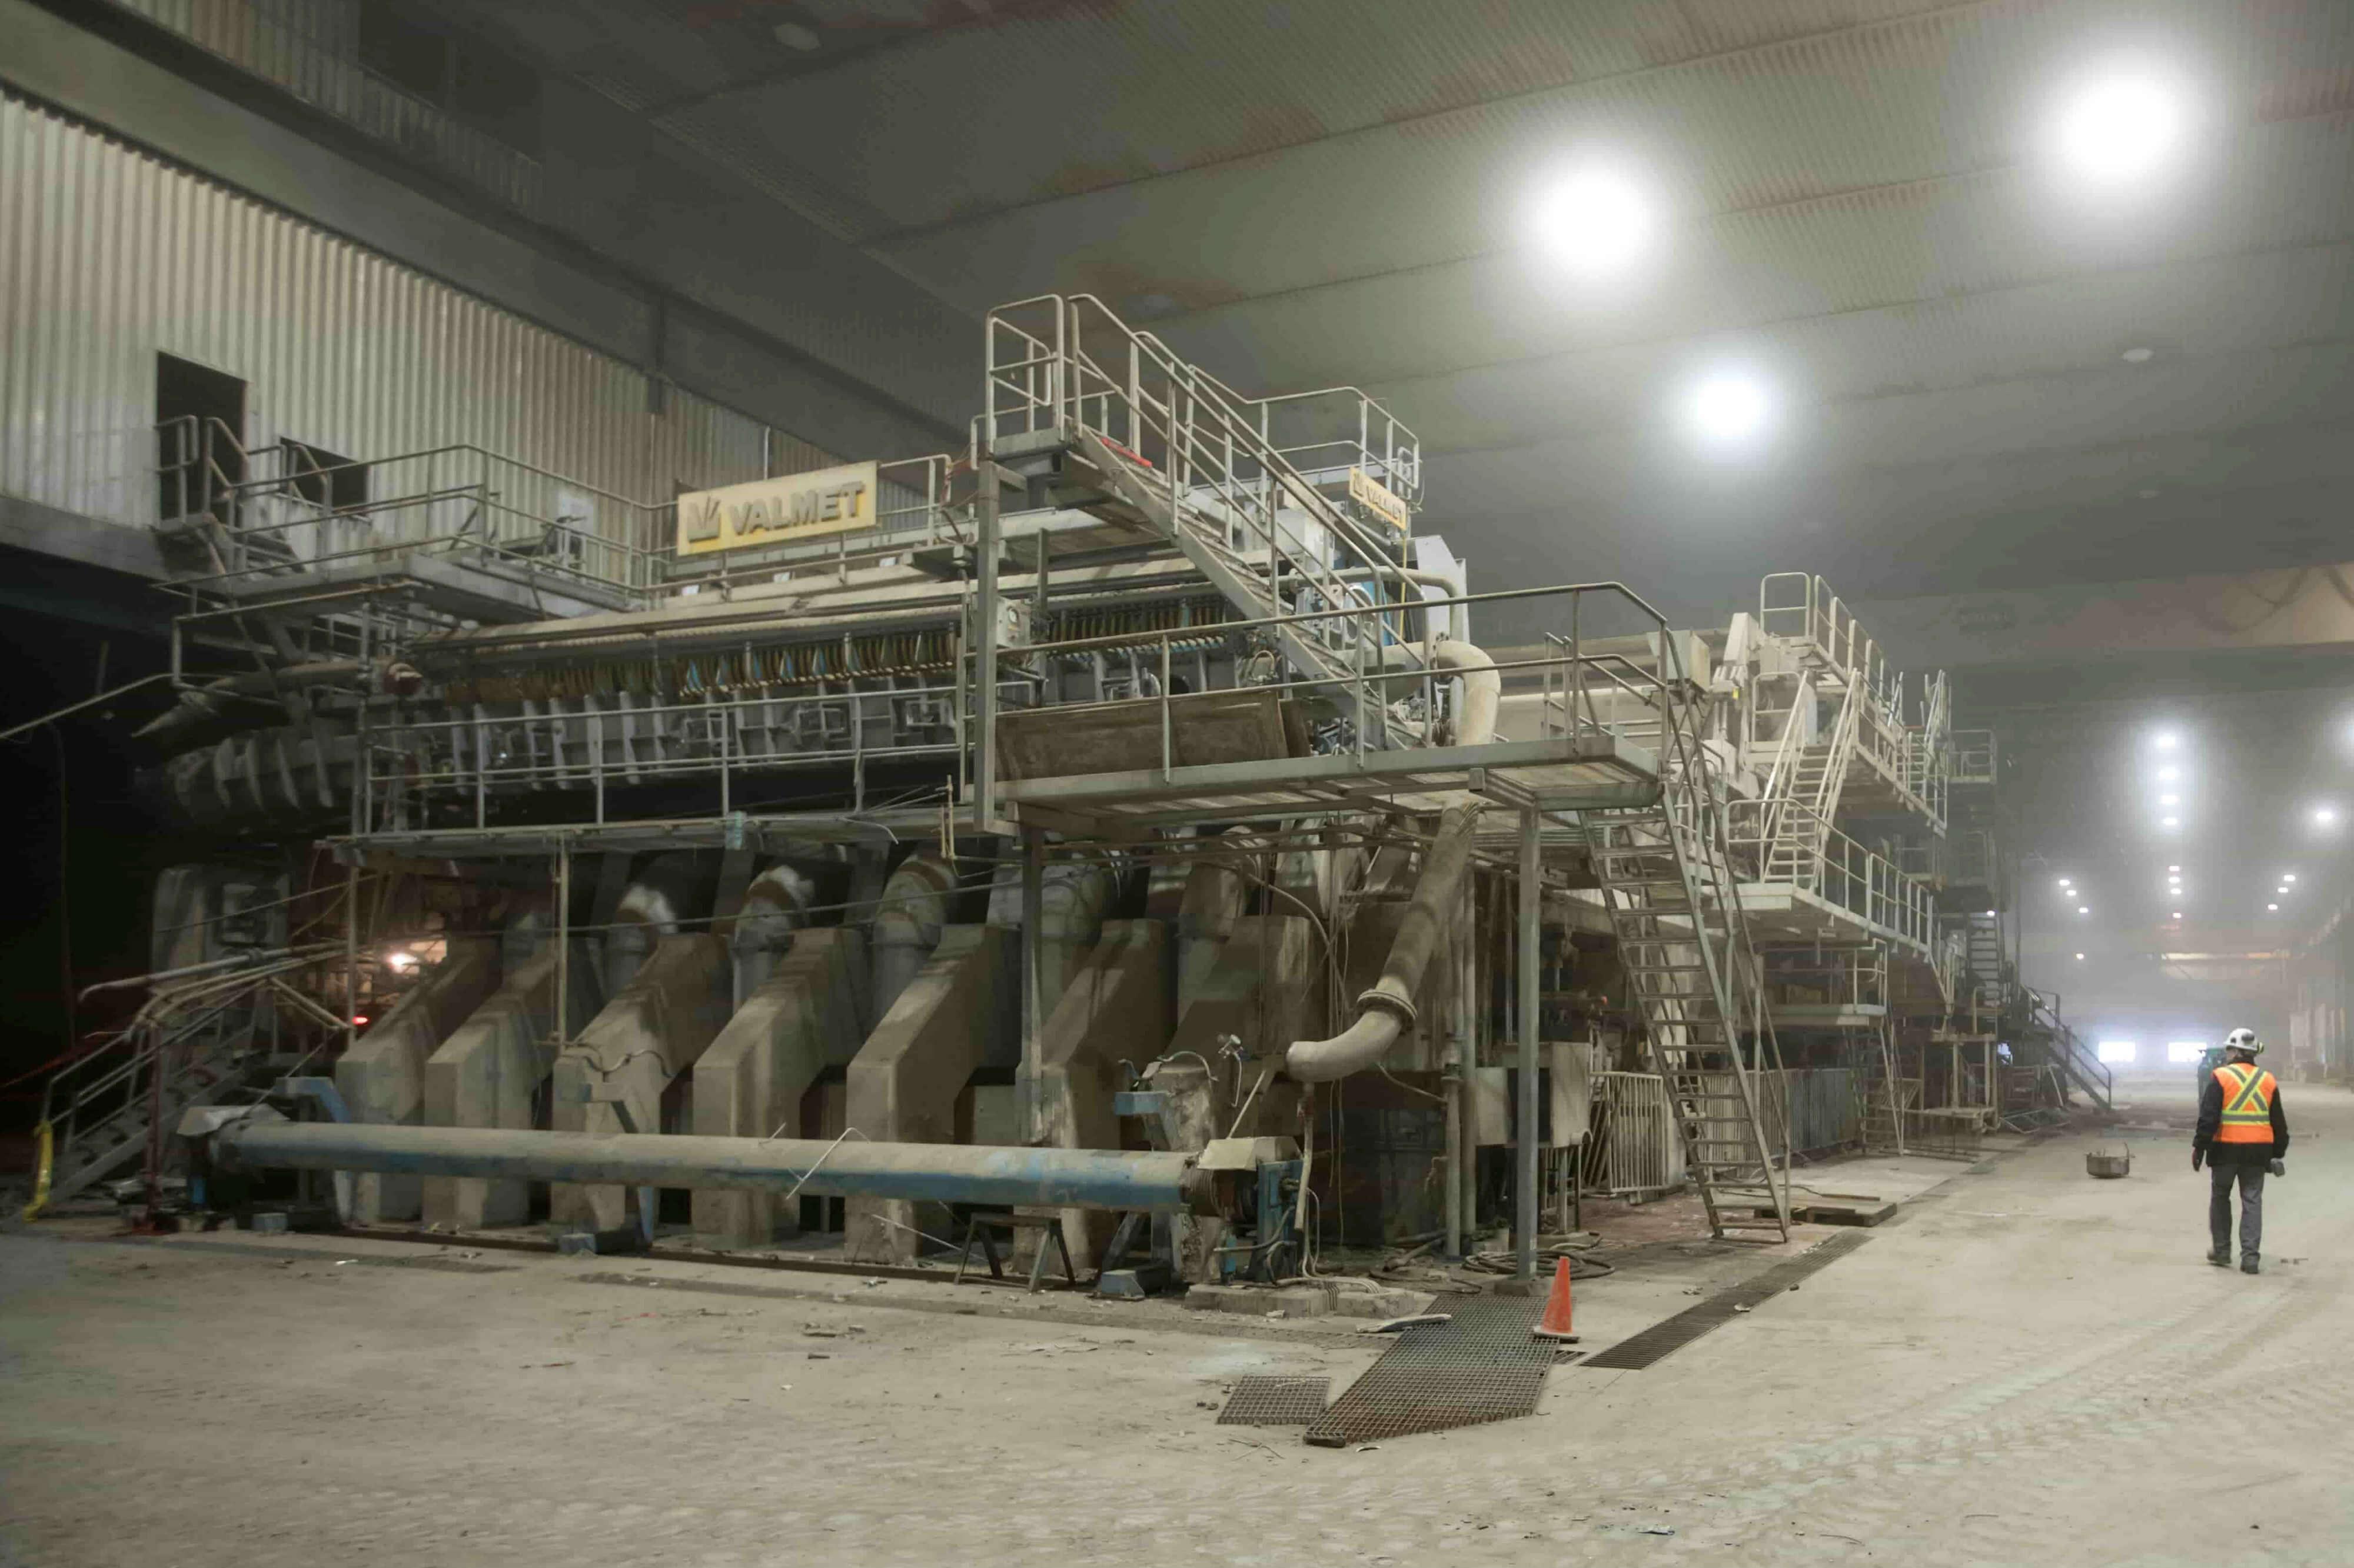 Nemaska_mine_Whabouchi_usine